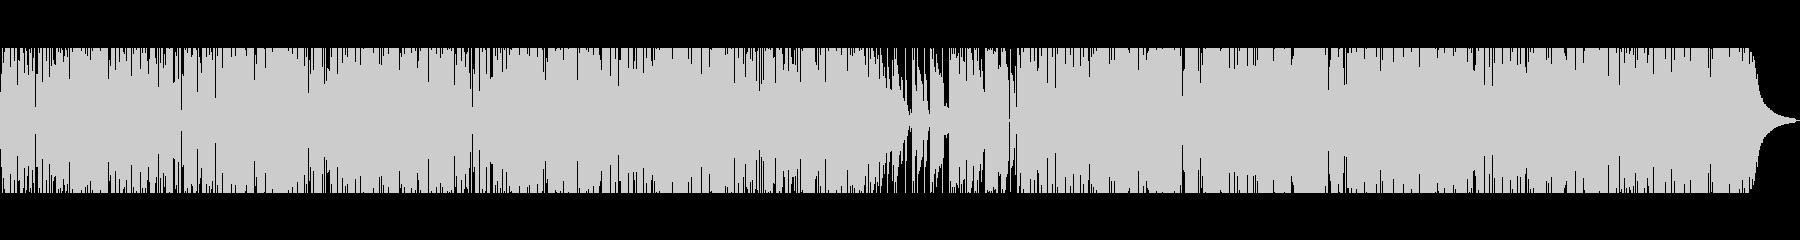 70年代風ソウルポップス風インストの未再生の波形